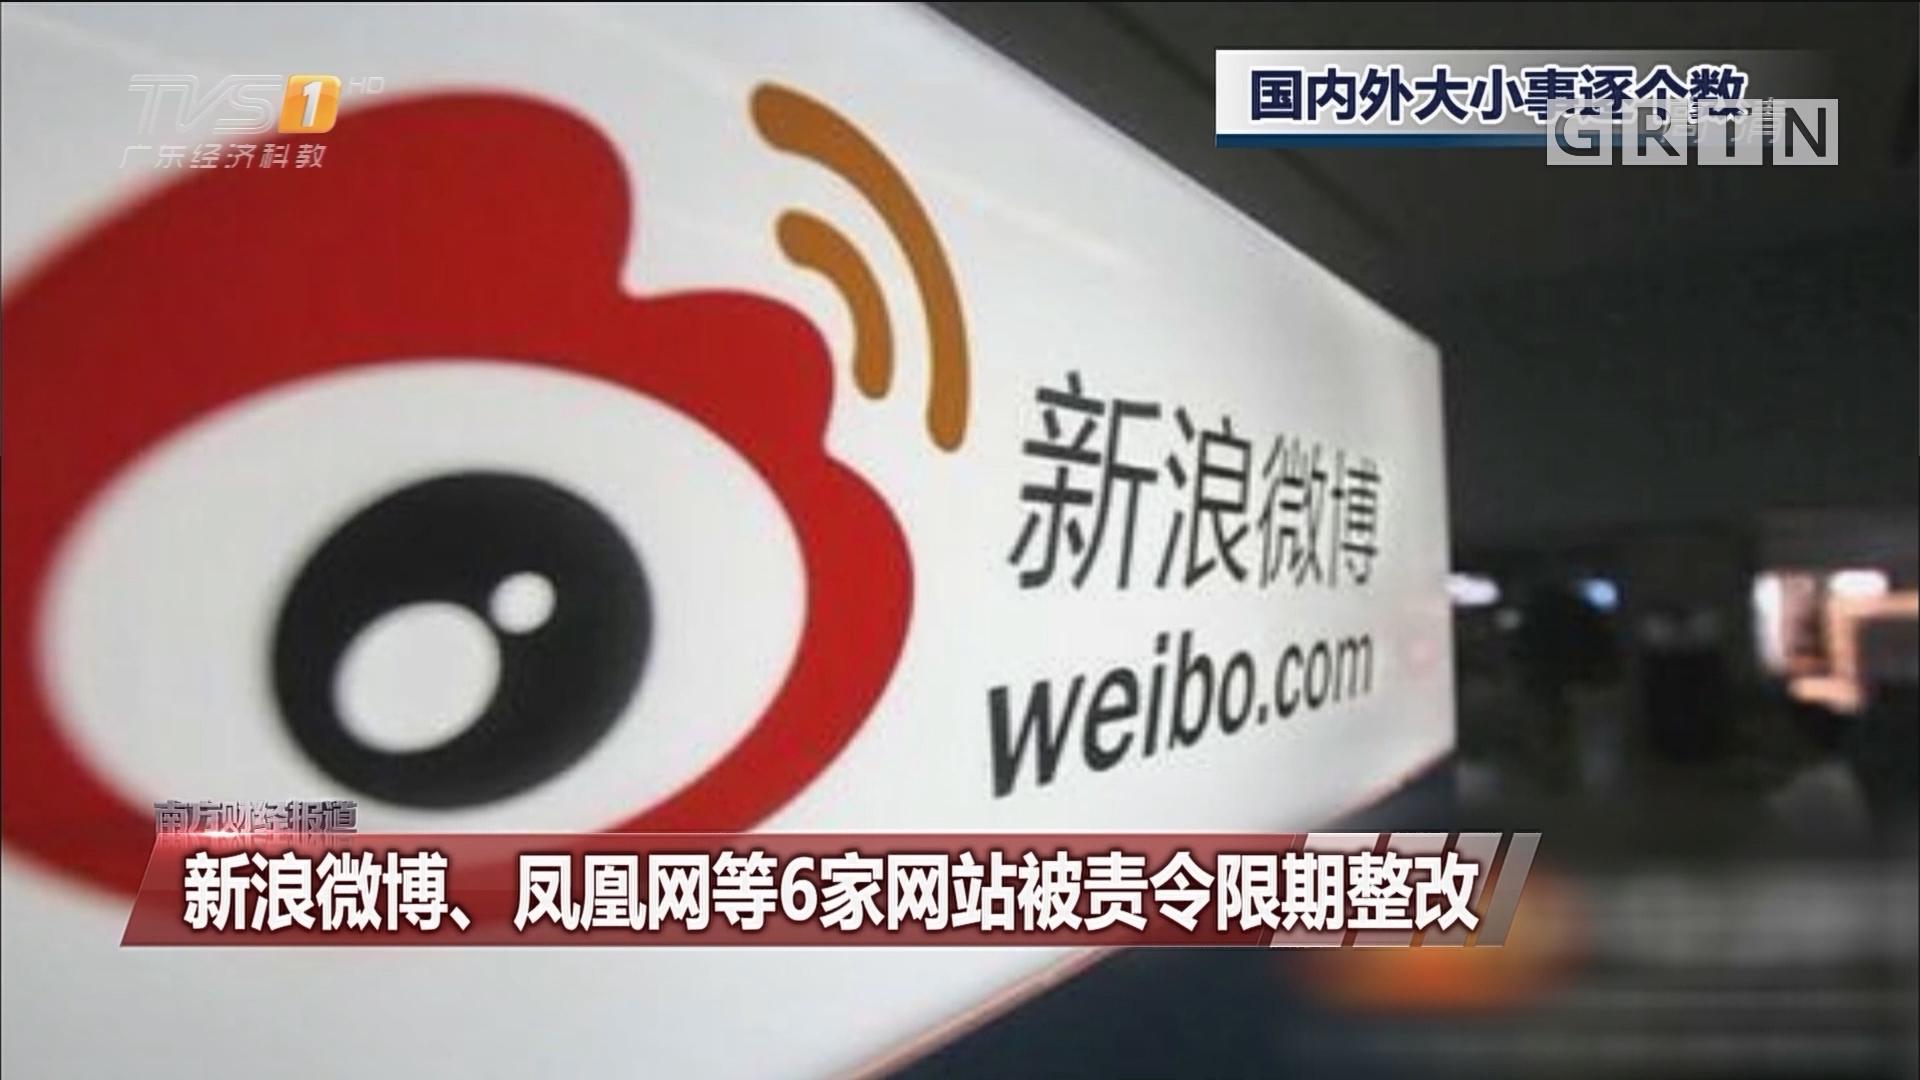 新浪微博、凤凰网等6家网站被责令限期整改